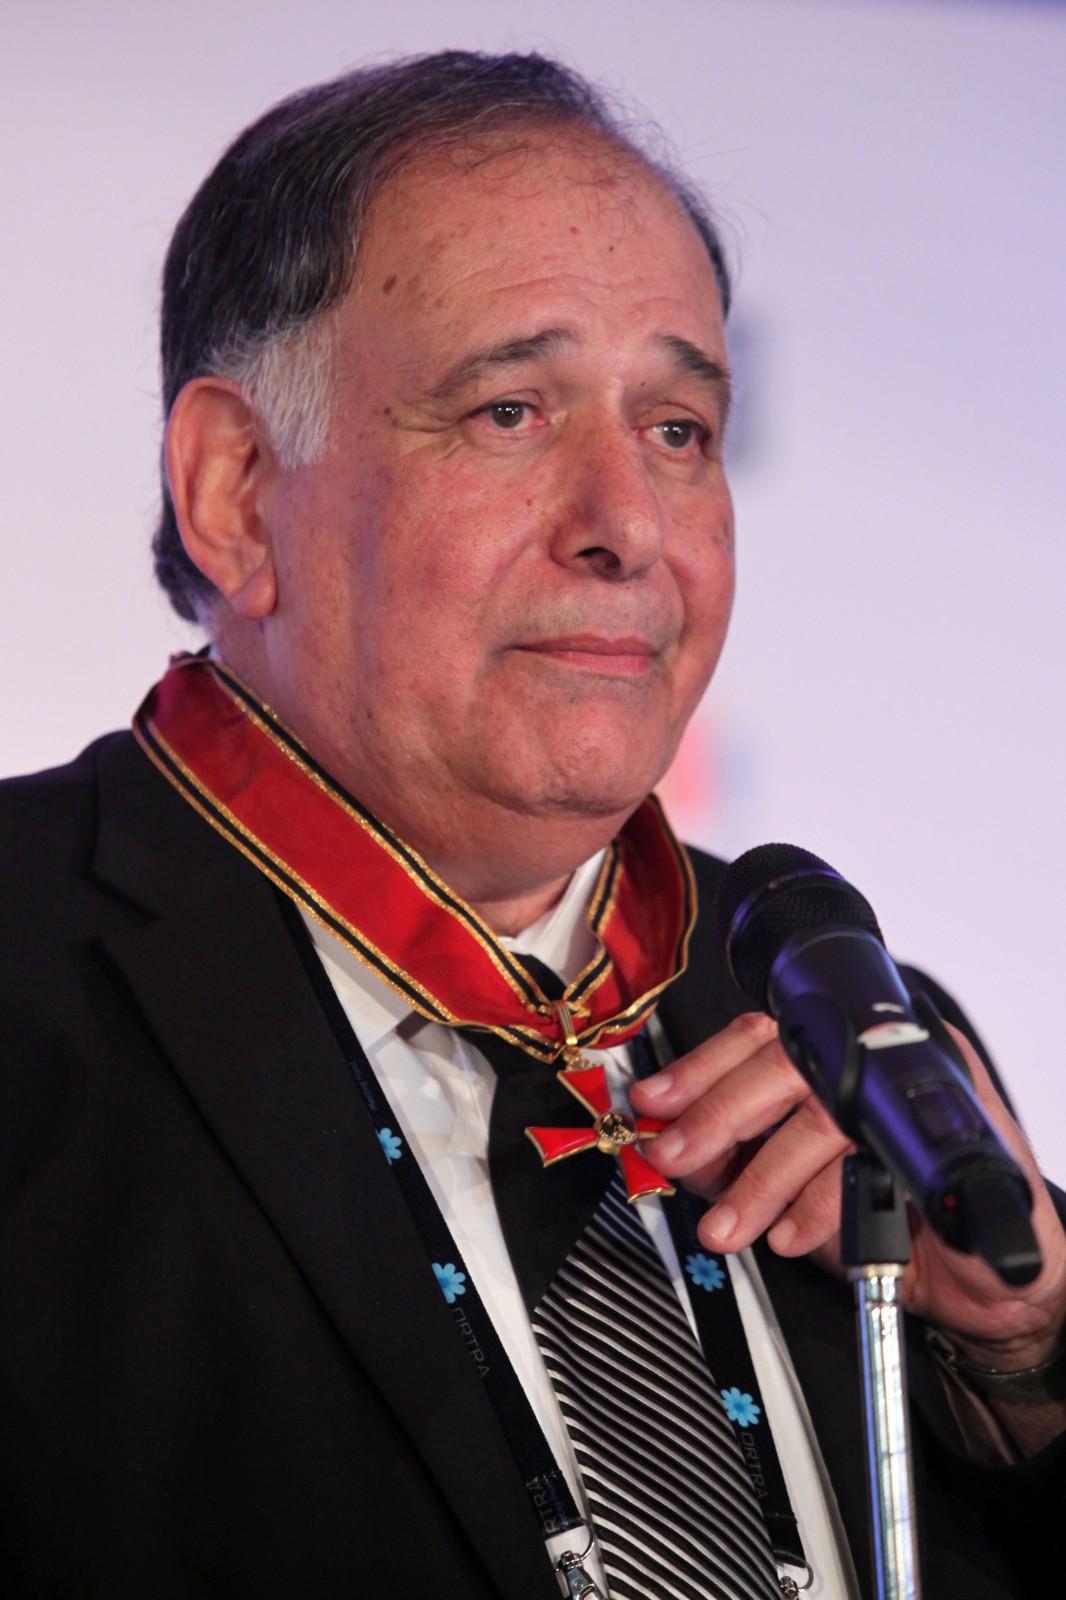 יונה יהב, ראש עיריית חיפה, 2012 (צילום: יואב ארי דודקביץ')